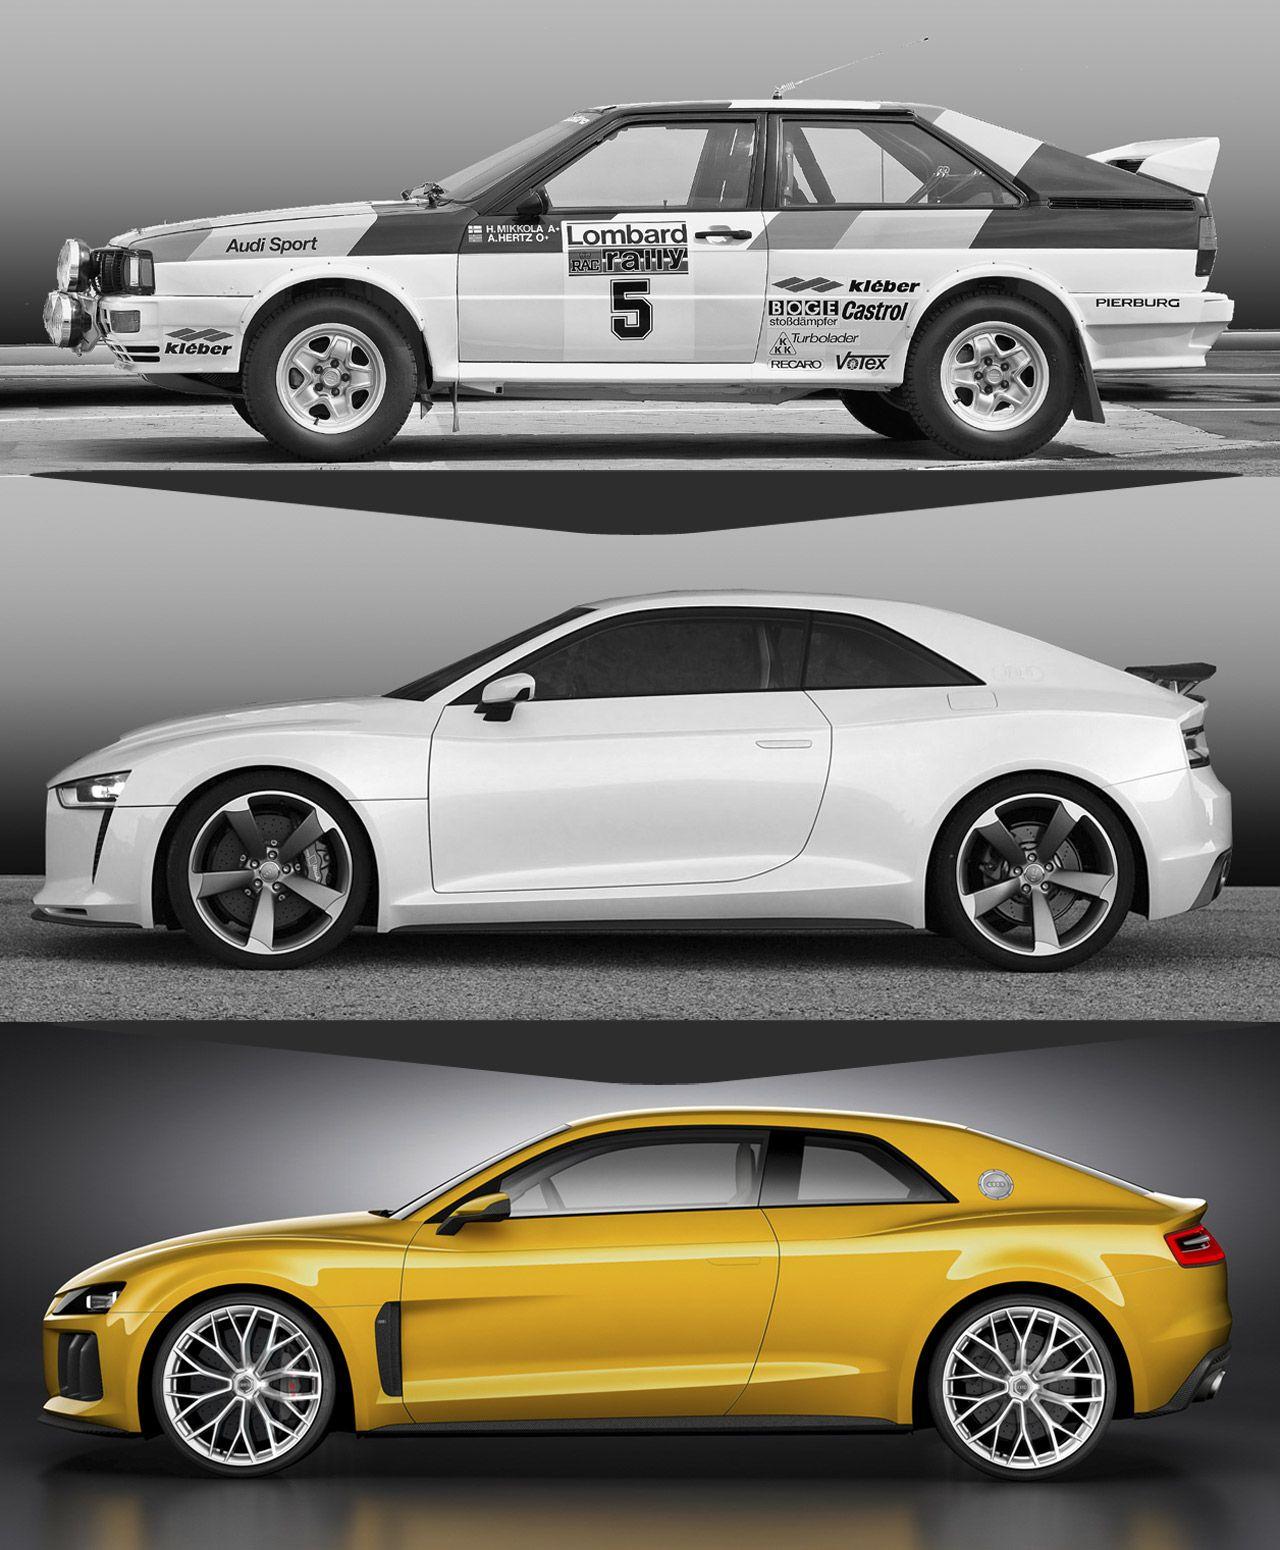 Audi Q3 Tfsi Quattro Sport Suv Estate: Original Quattro Sport + Audi Quattro Concept 2010 + Audi